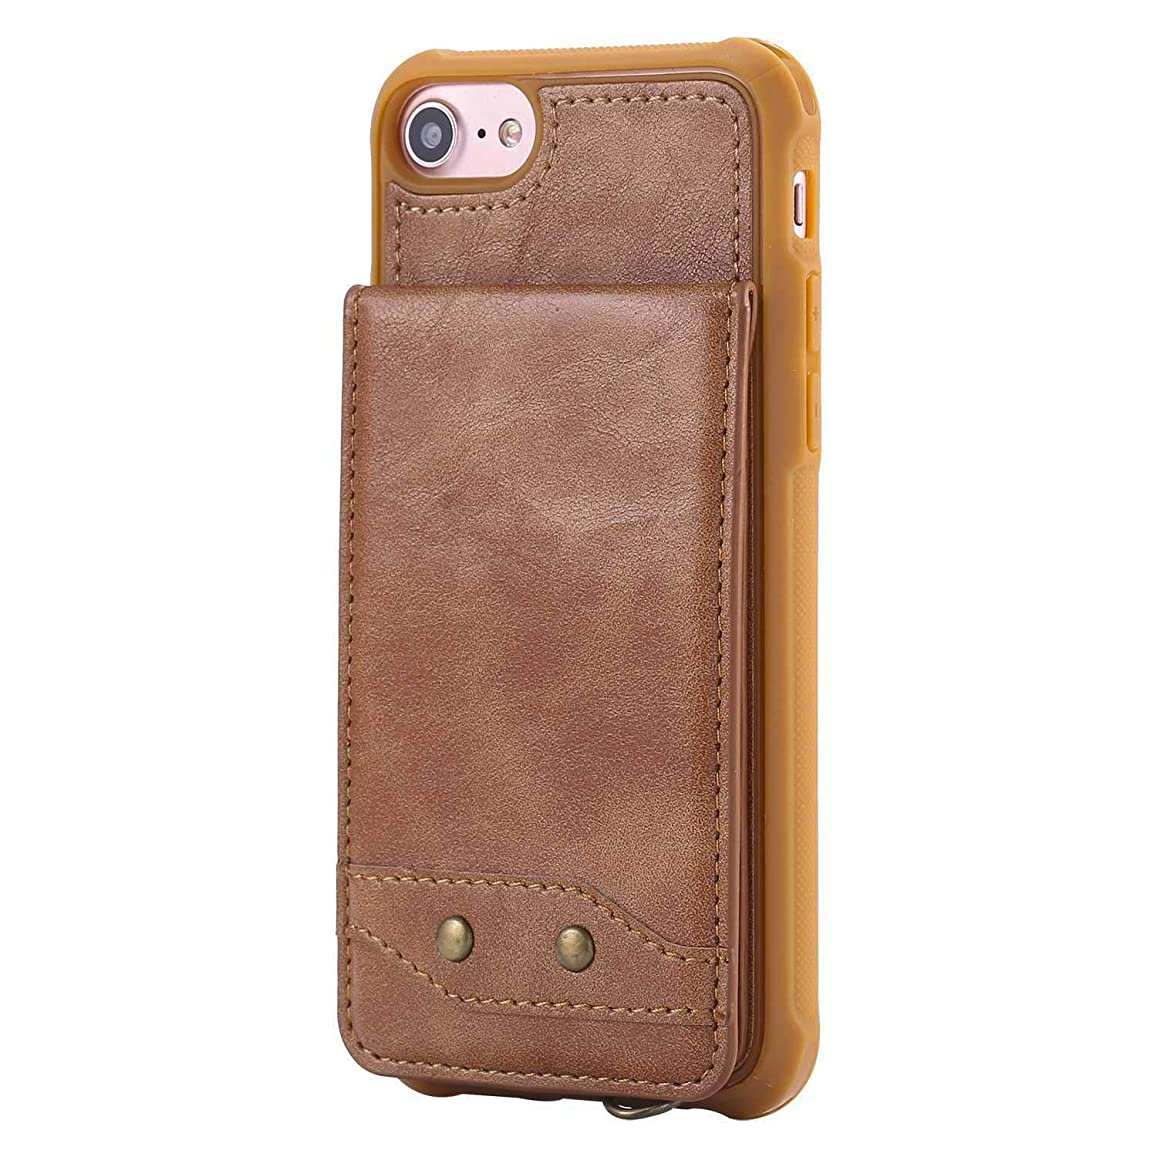 時折ヒューマニスティック論理的iPhone 7 / iPhone 8 新品 ケース, CUNUS 高品質 柔軟 合皮レザー ケース, 超薄型 軽量 耐汚れ カード収納 カバー Apple iPhone 7 / iPhone 8 用, ブラウン1